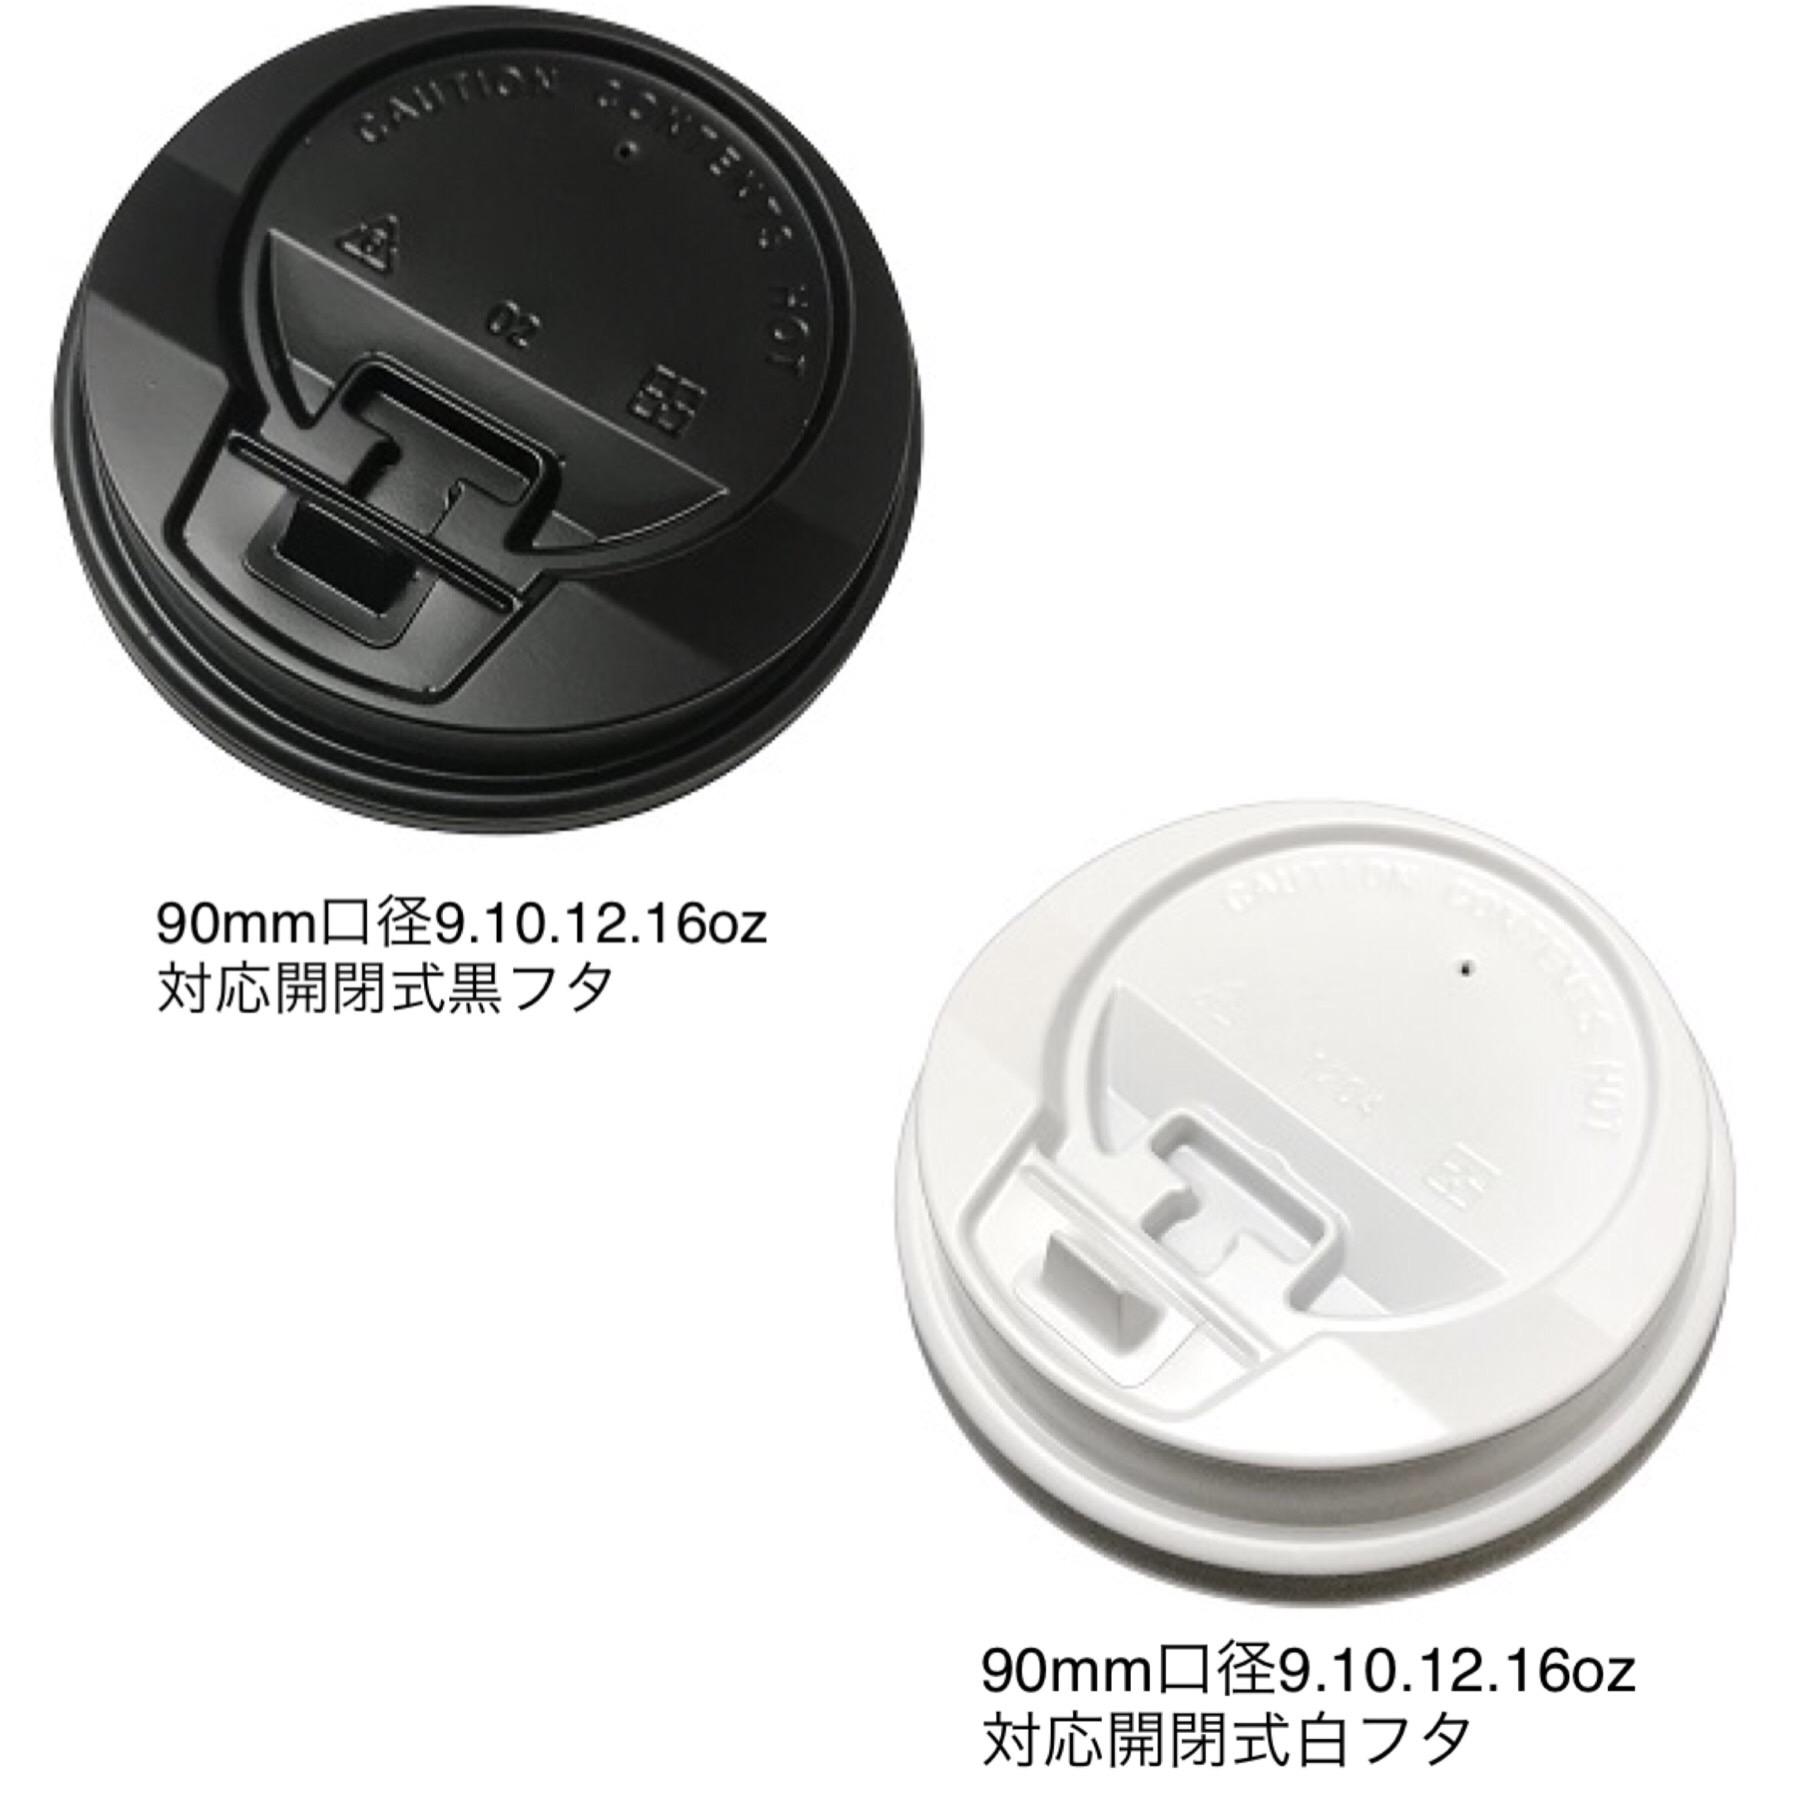 【プラカップ・紙コップ】テイクアウト 使い捨てカップ コーヒーカップ 紙コップ ゼブラ断熱カップ12oz【1000個入り】 凹凸加工 波型加工